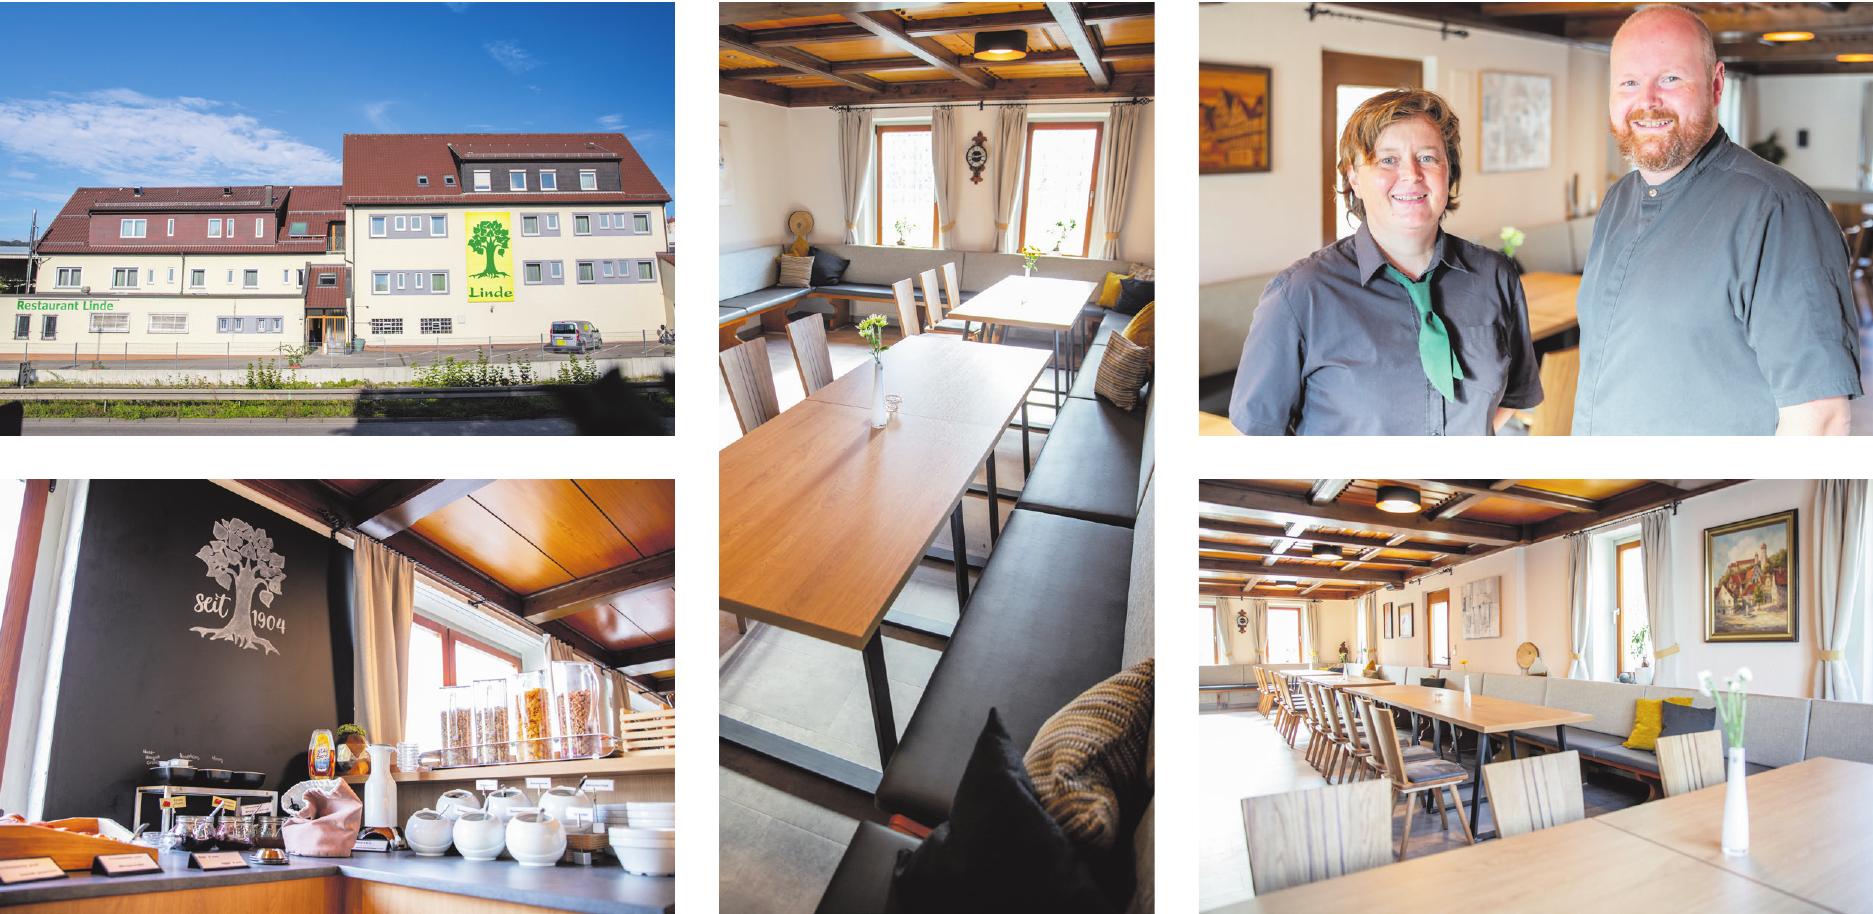 Hotel-Restaurant Linde Heidenheim Image 2